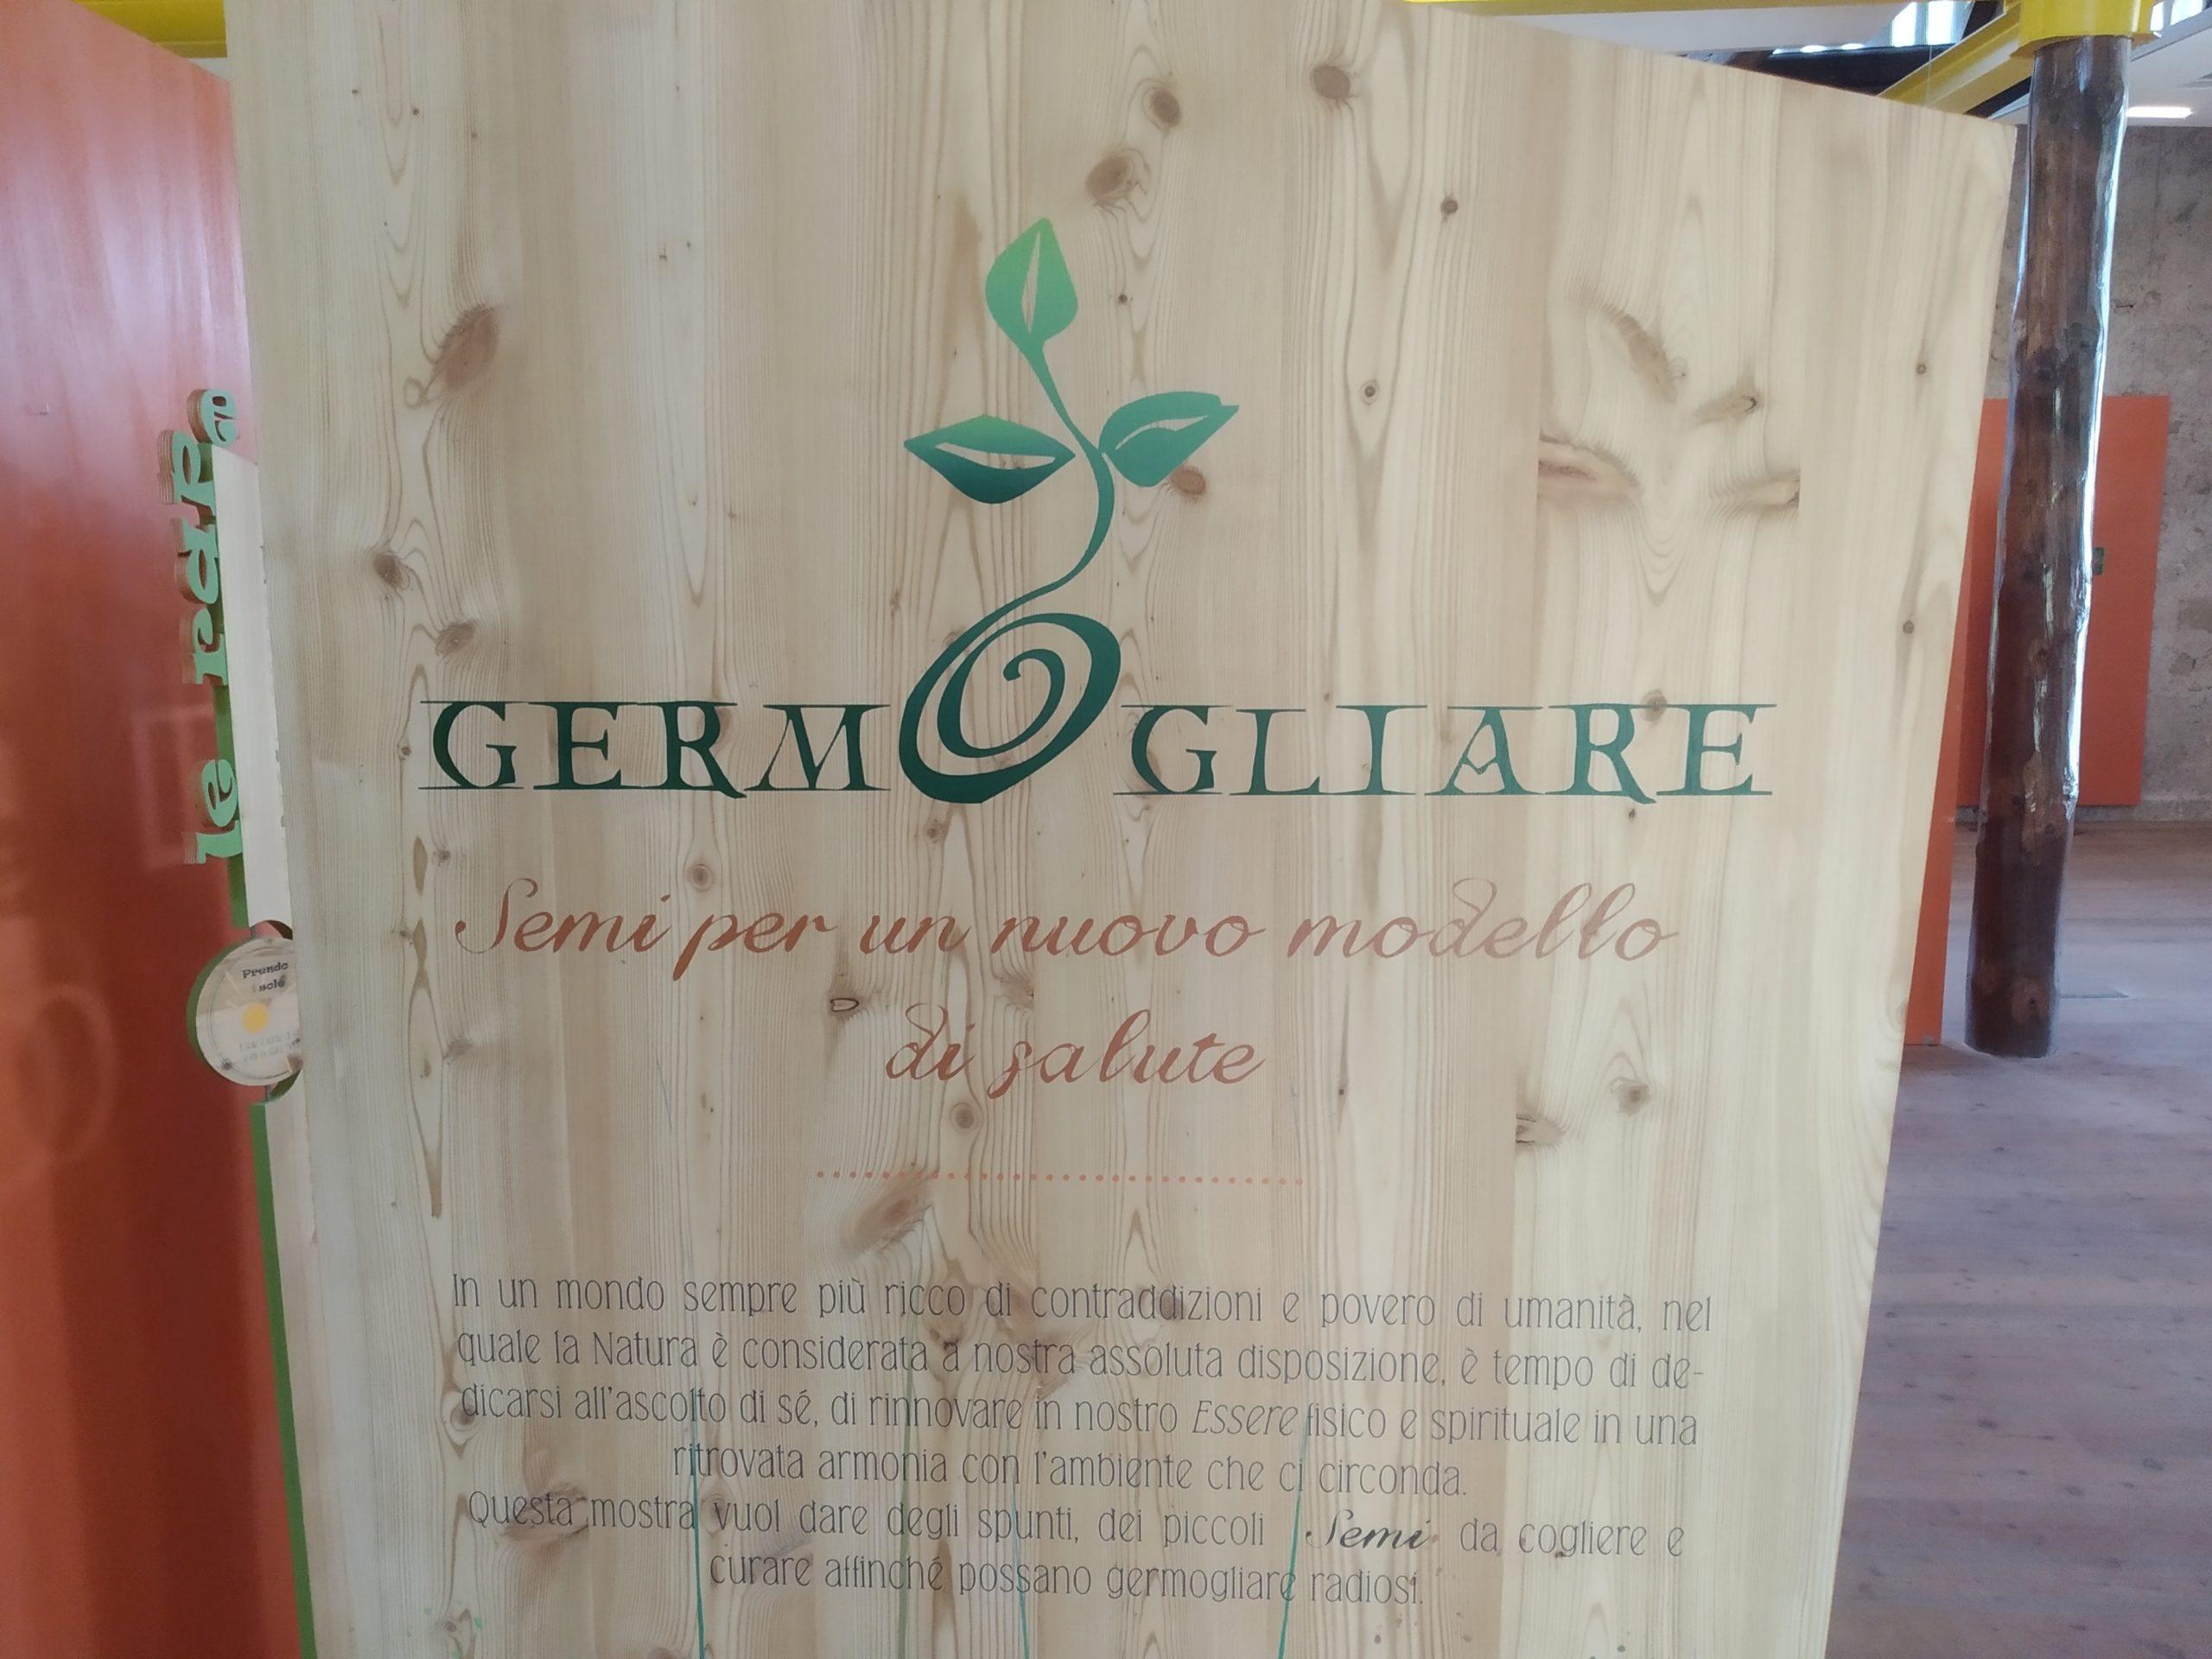 Germogliare logo